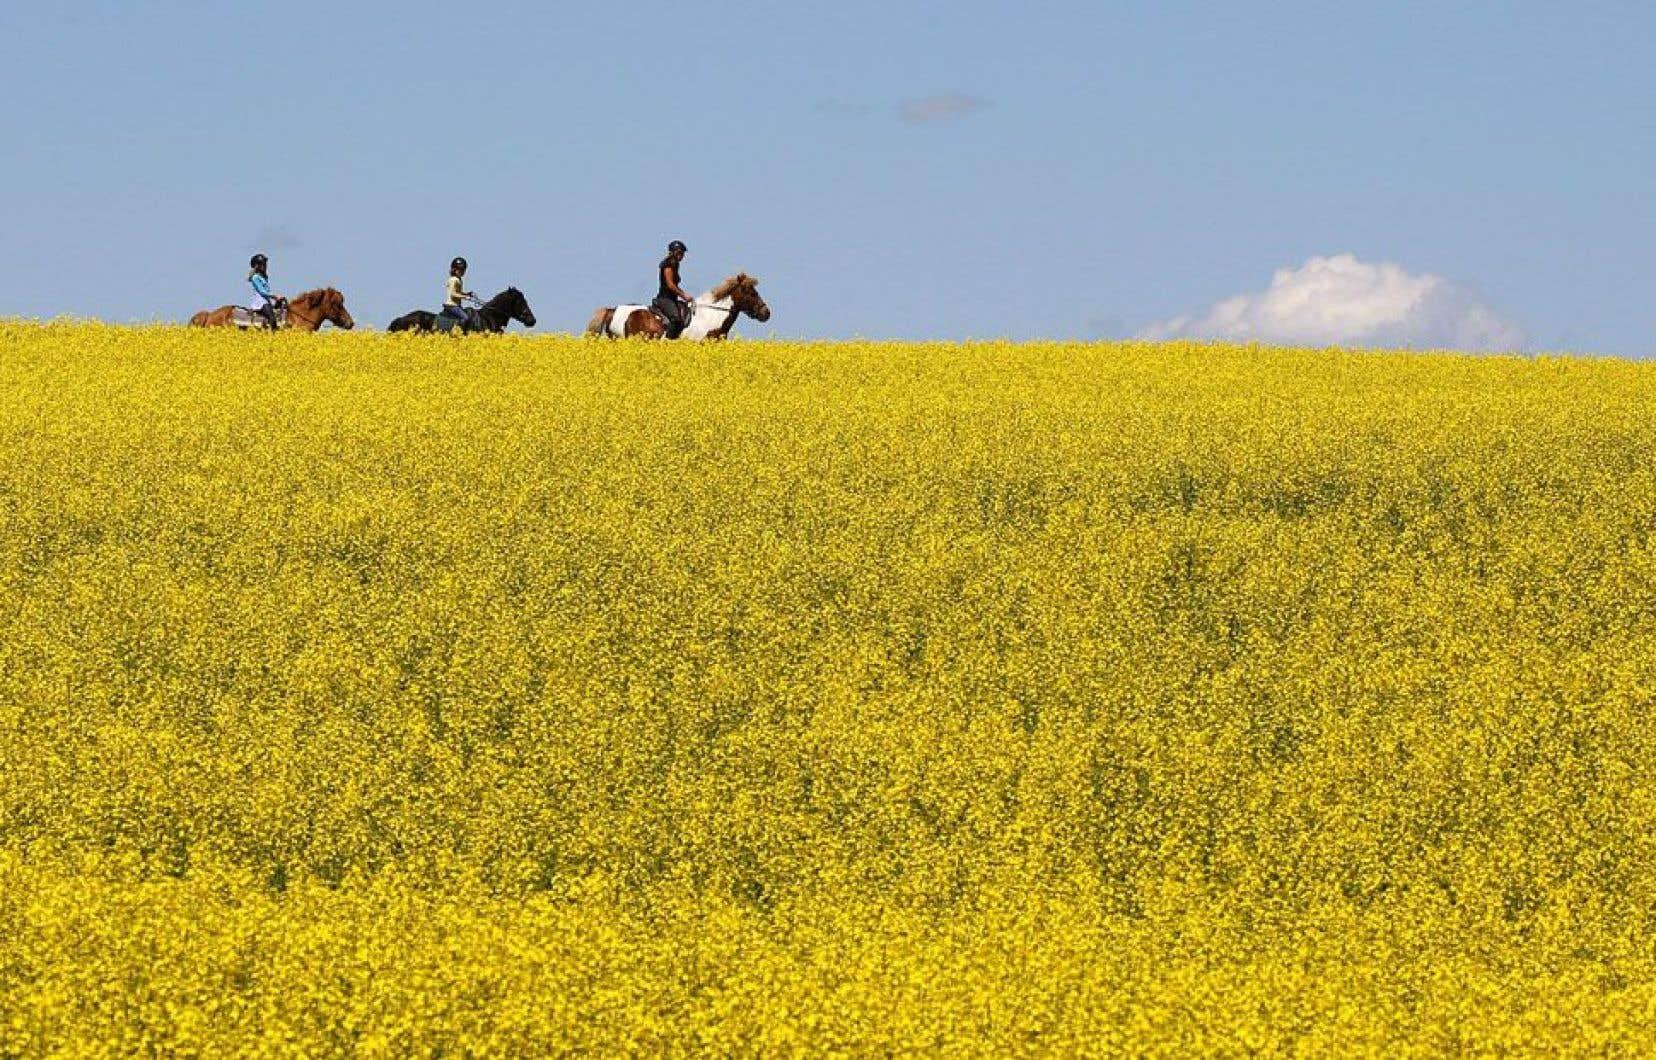 Les champs de canola (notre photo) et ceux de maïs-grain destiné au bétail sont régulièrement contaminés par les OGM, au grand dam des producteurs biologiques.